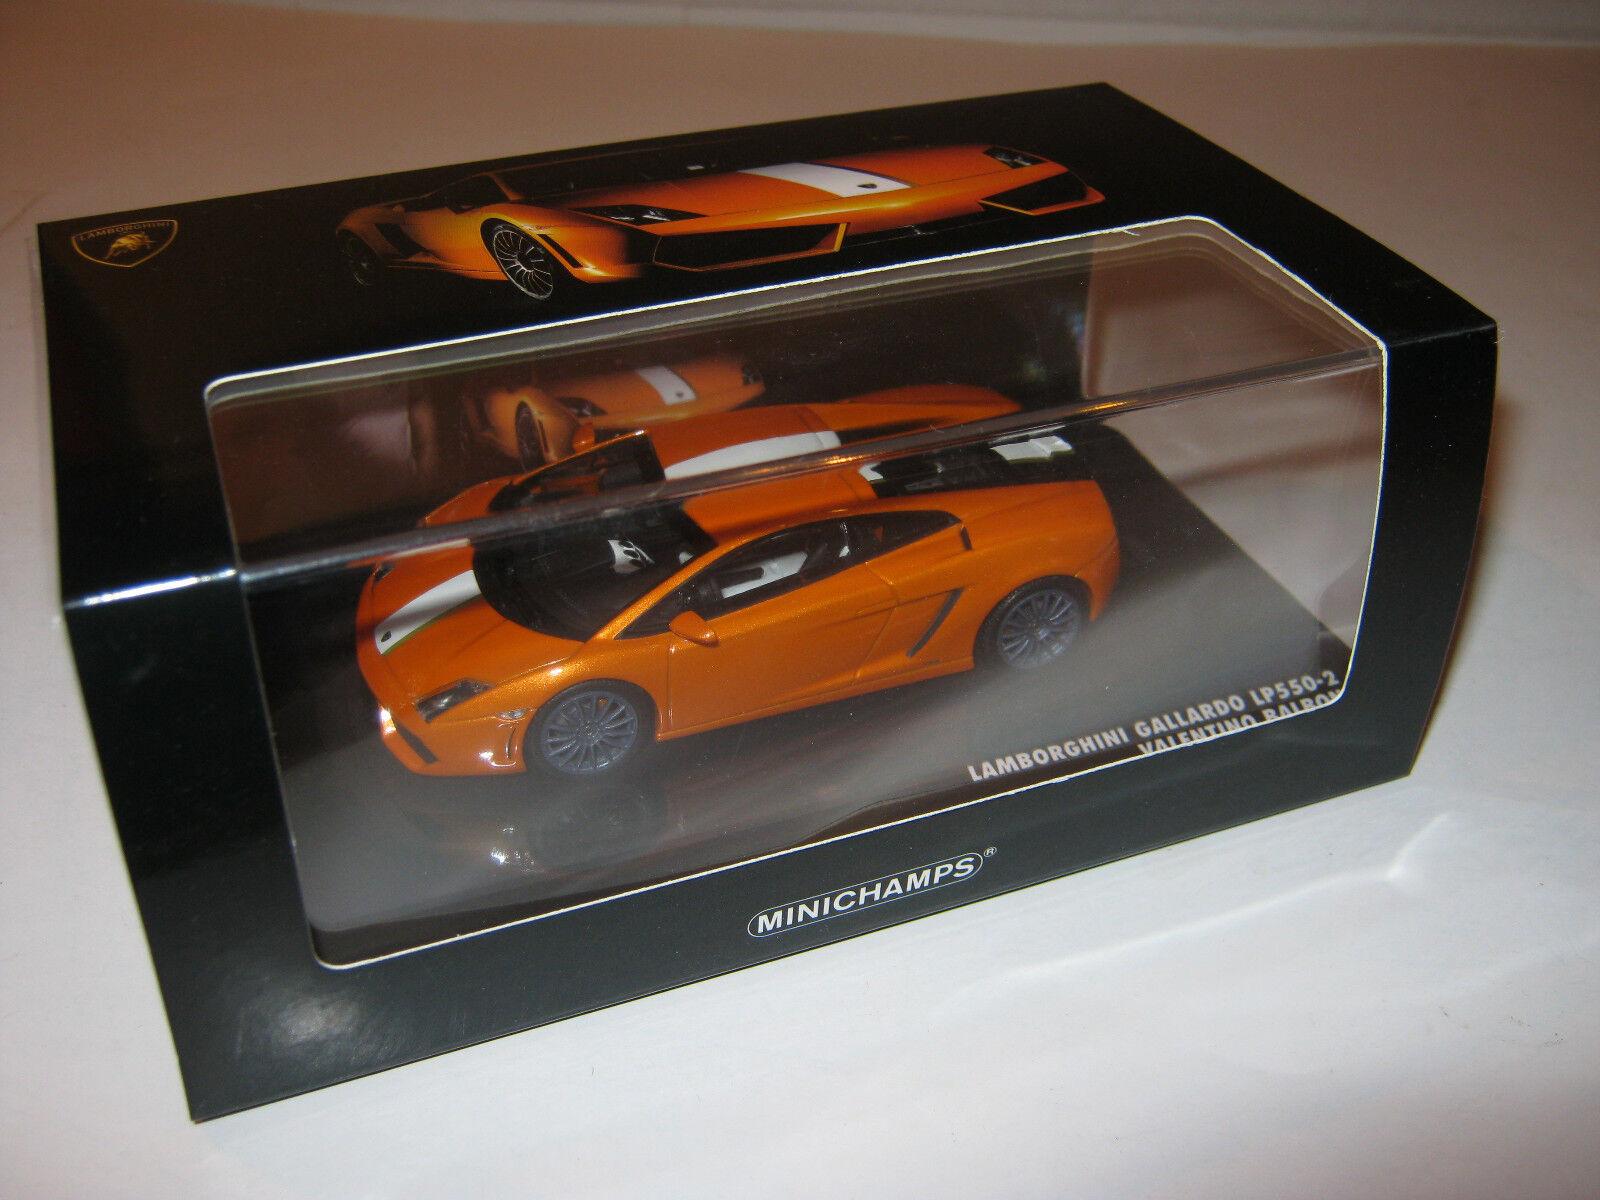 1 43 Lamborghini Gallardo lp550-2 V. BALBONI MINICHAMPS 436103802 le1008 OVP New